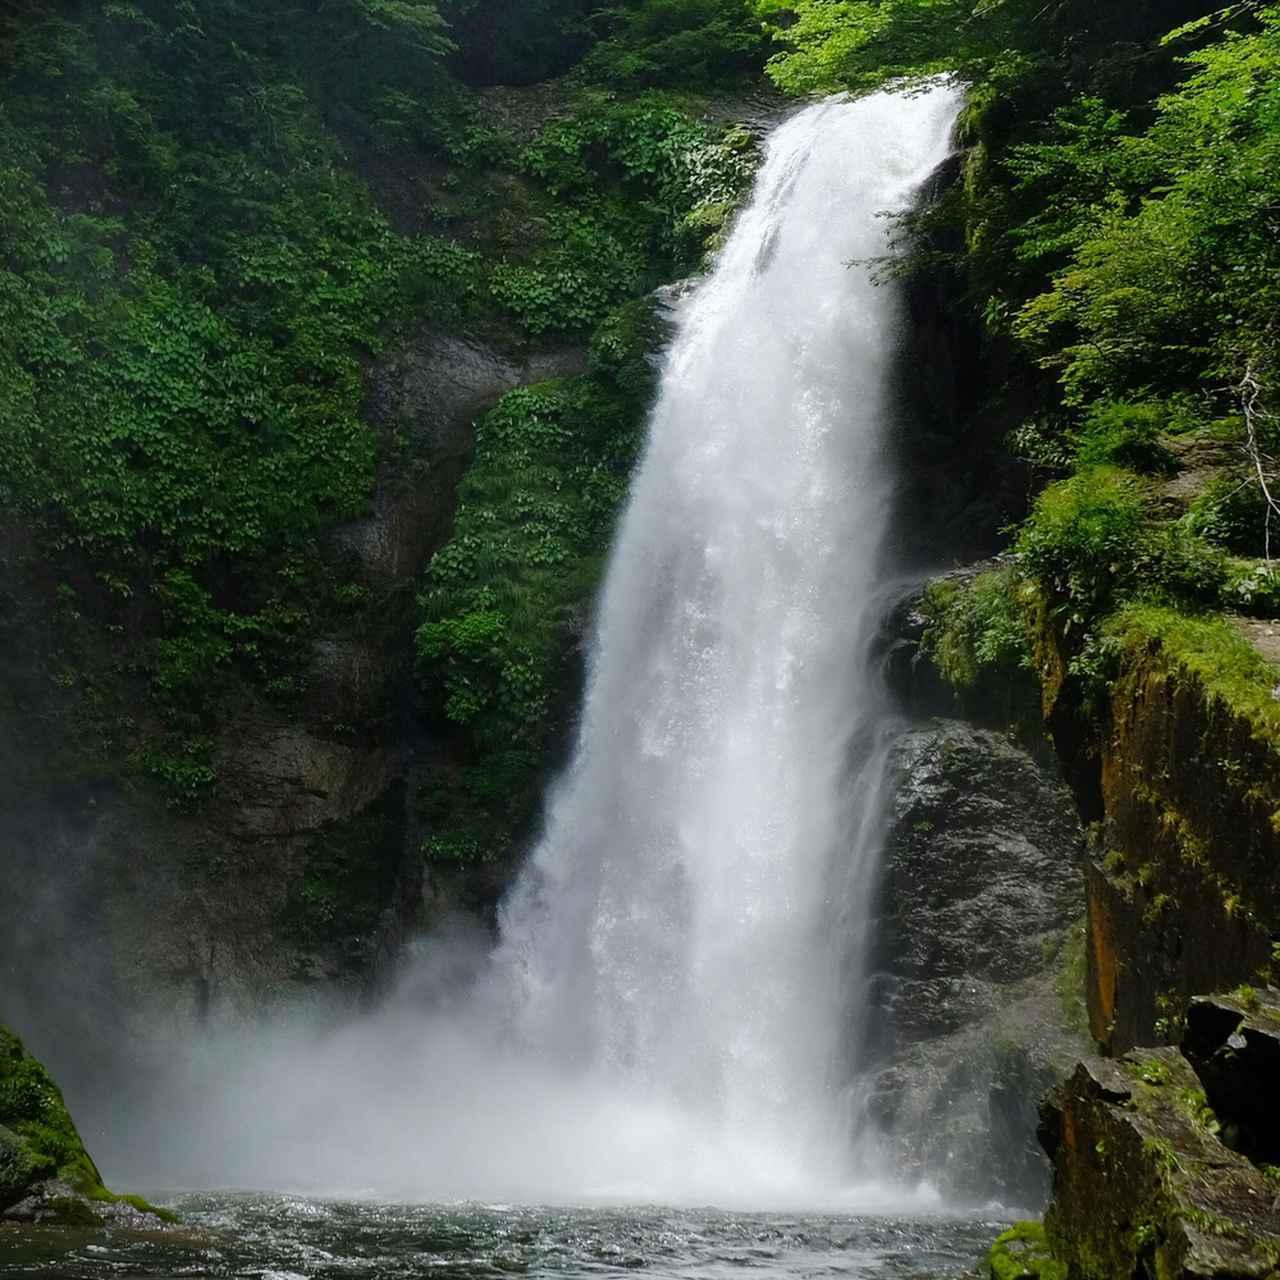 画像: 滝つぼに落ちては湧き上がる濛々とした水けむり。大・大迫力でした。